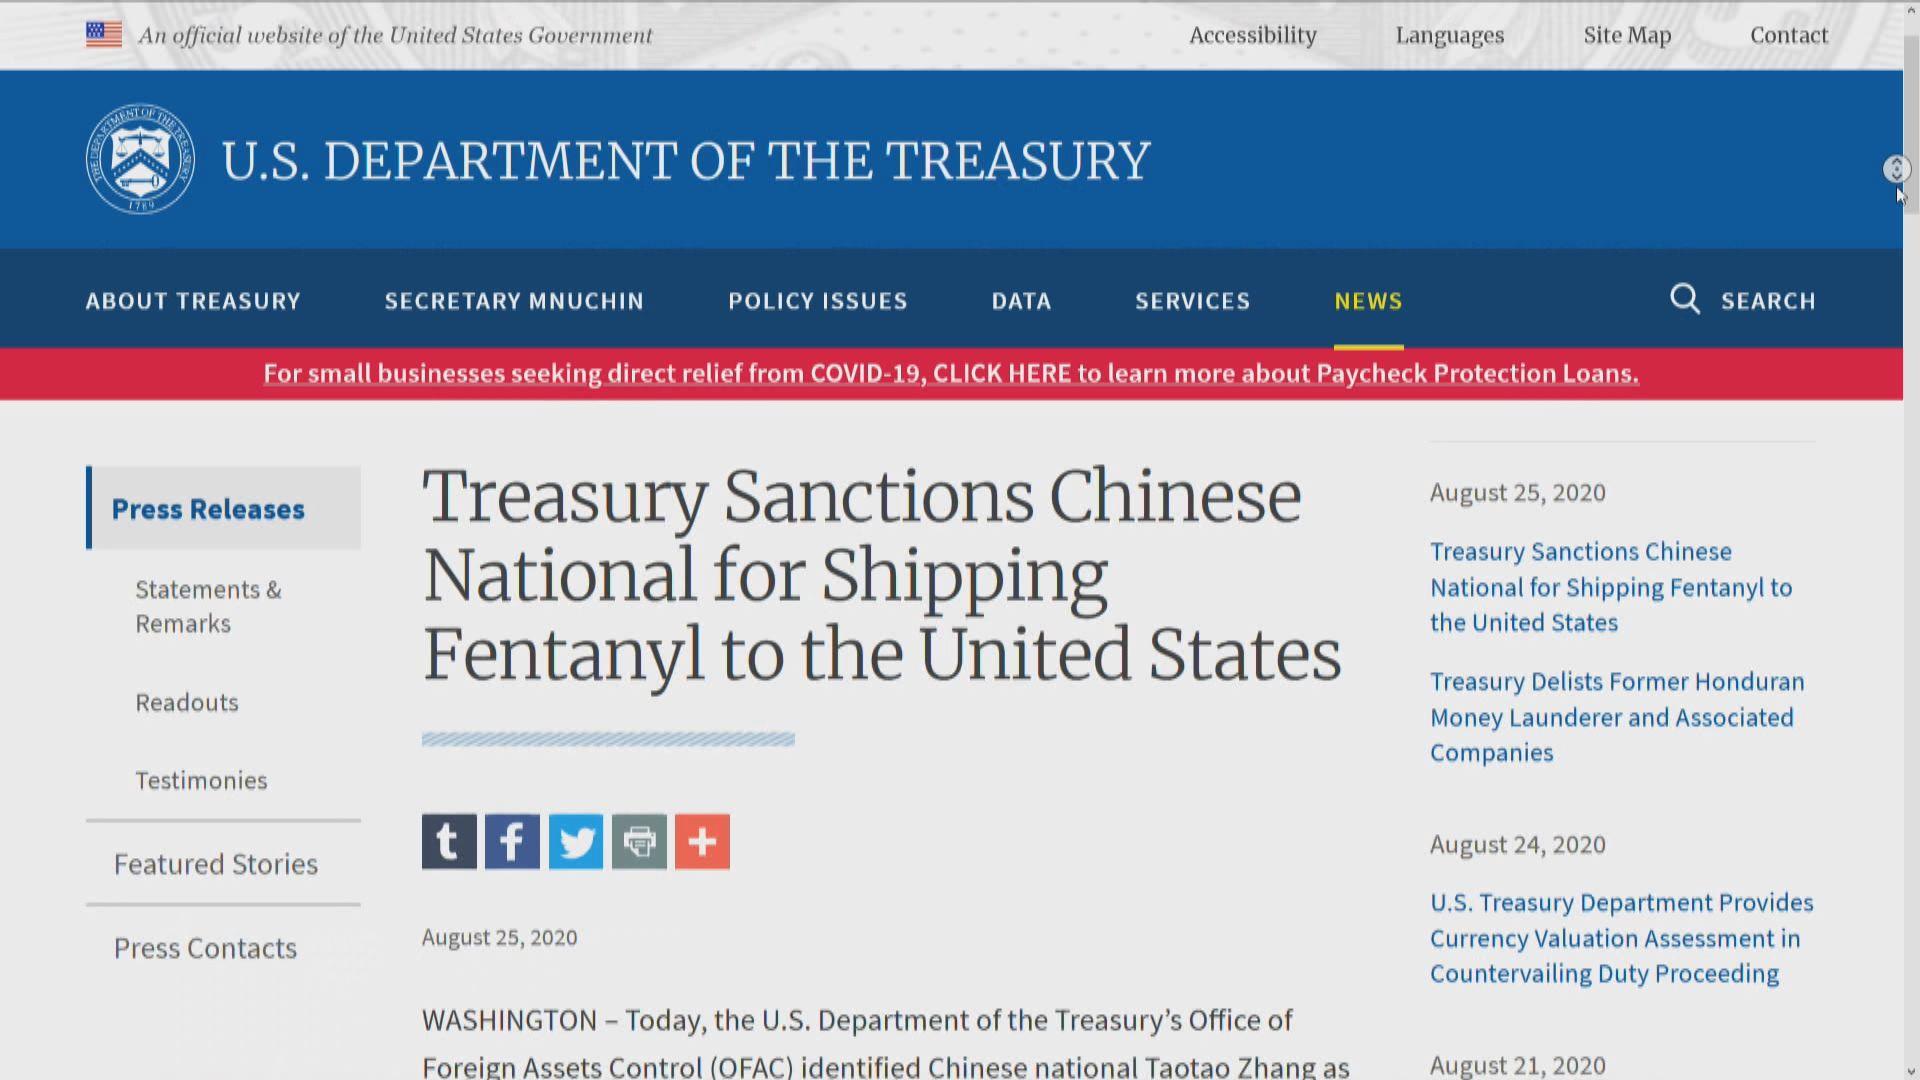 美財政部制裁一中國男子和一香港公司 涉販運非法藥物